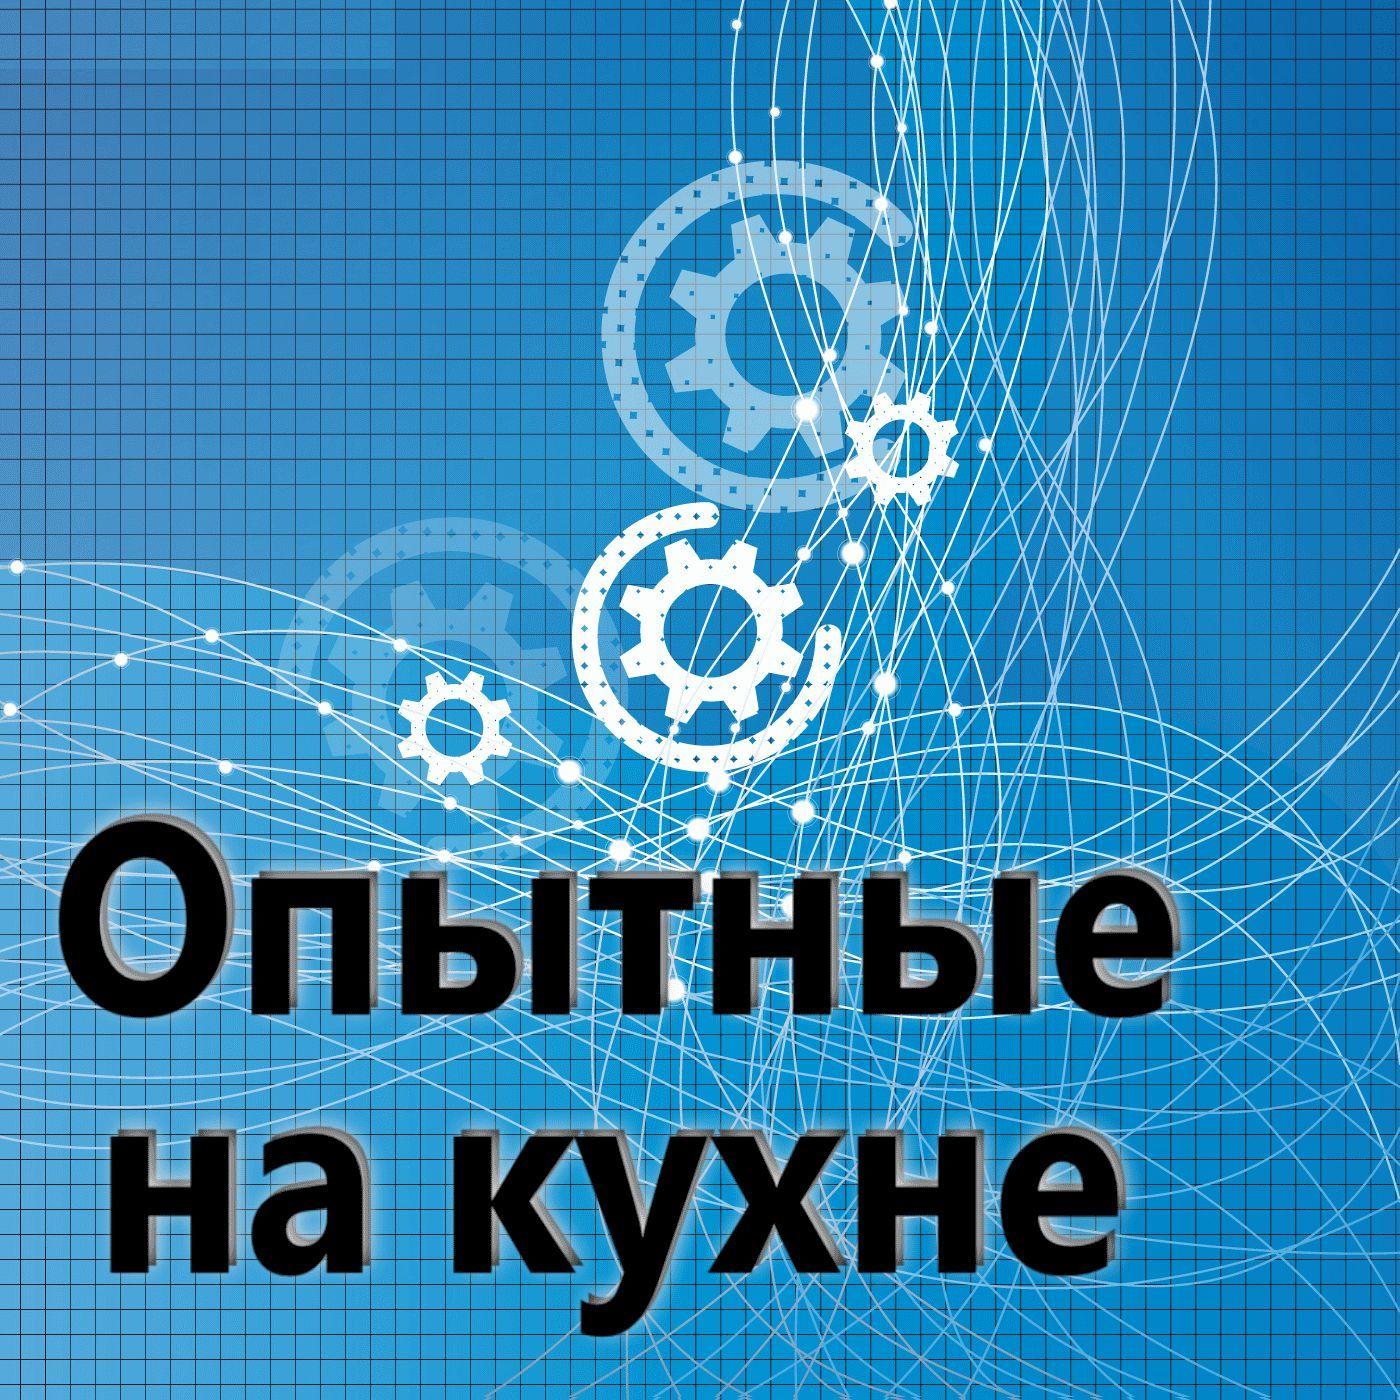 Евгений Плешивцев Опытные на кухне №062 евгений плешивцев опытные на кухне 039